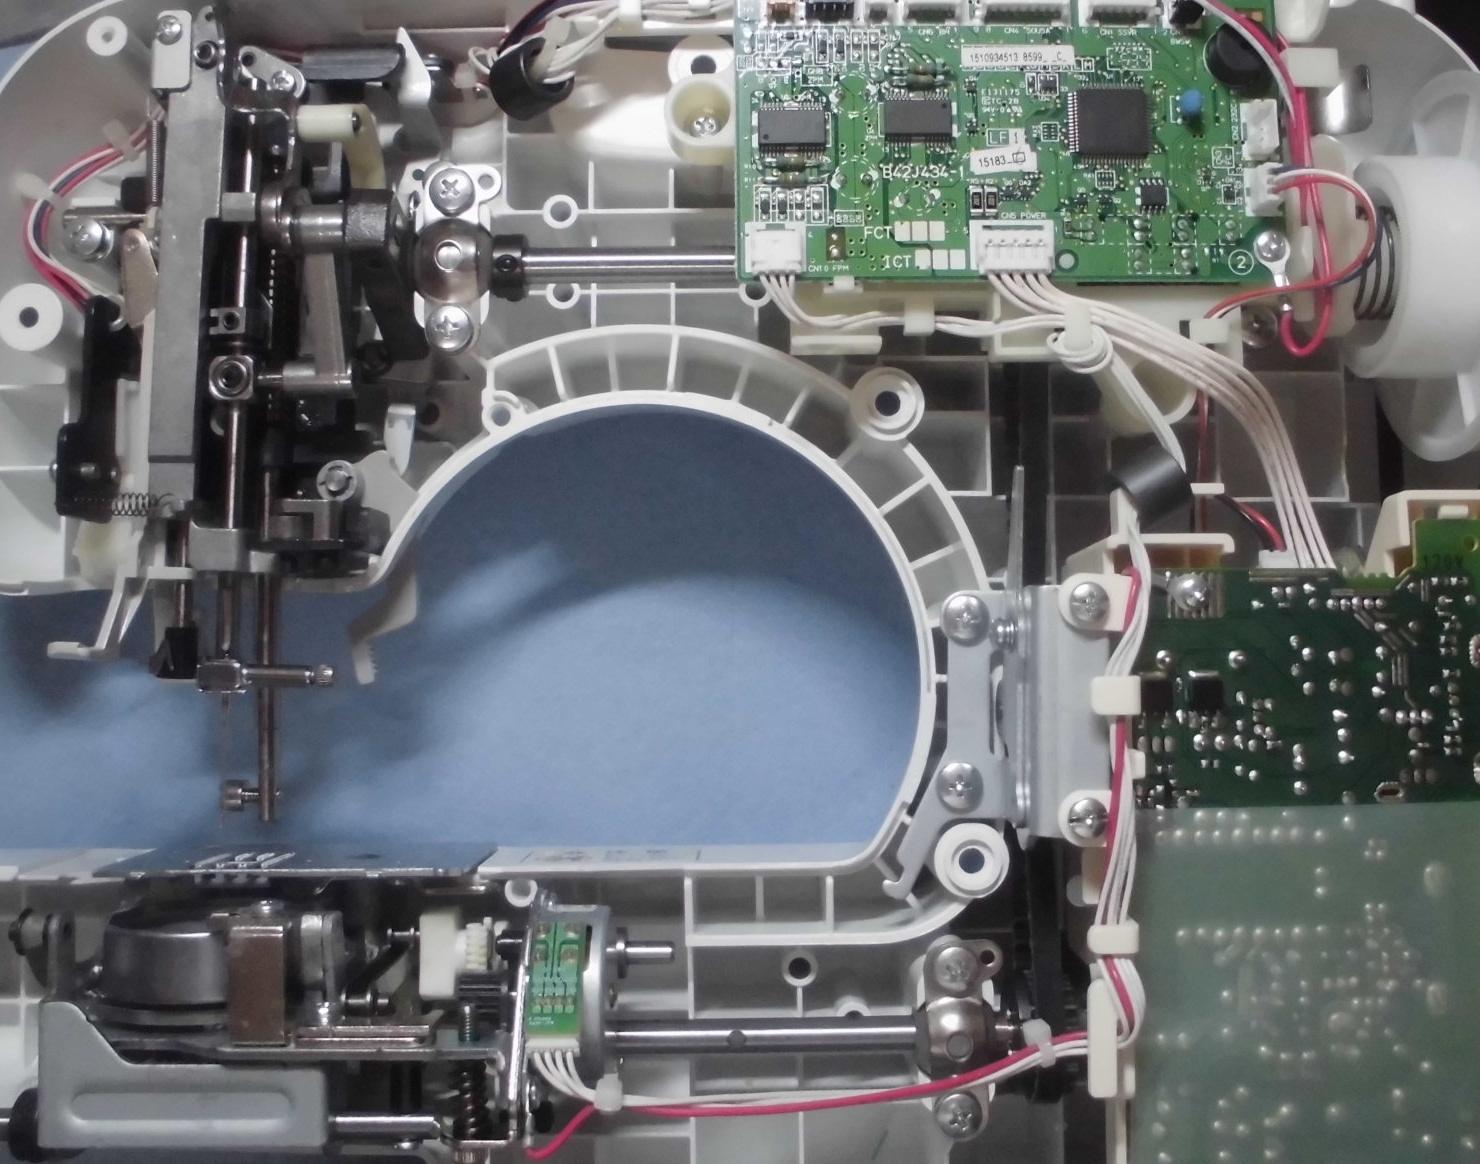 ブラザーミシンCPS4802の分解オーバーホールメンテナンス|ユザワヤ、アニュドールブラン2